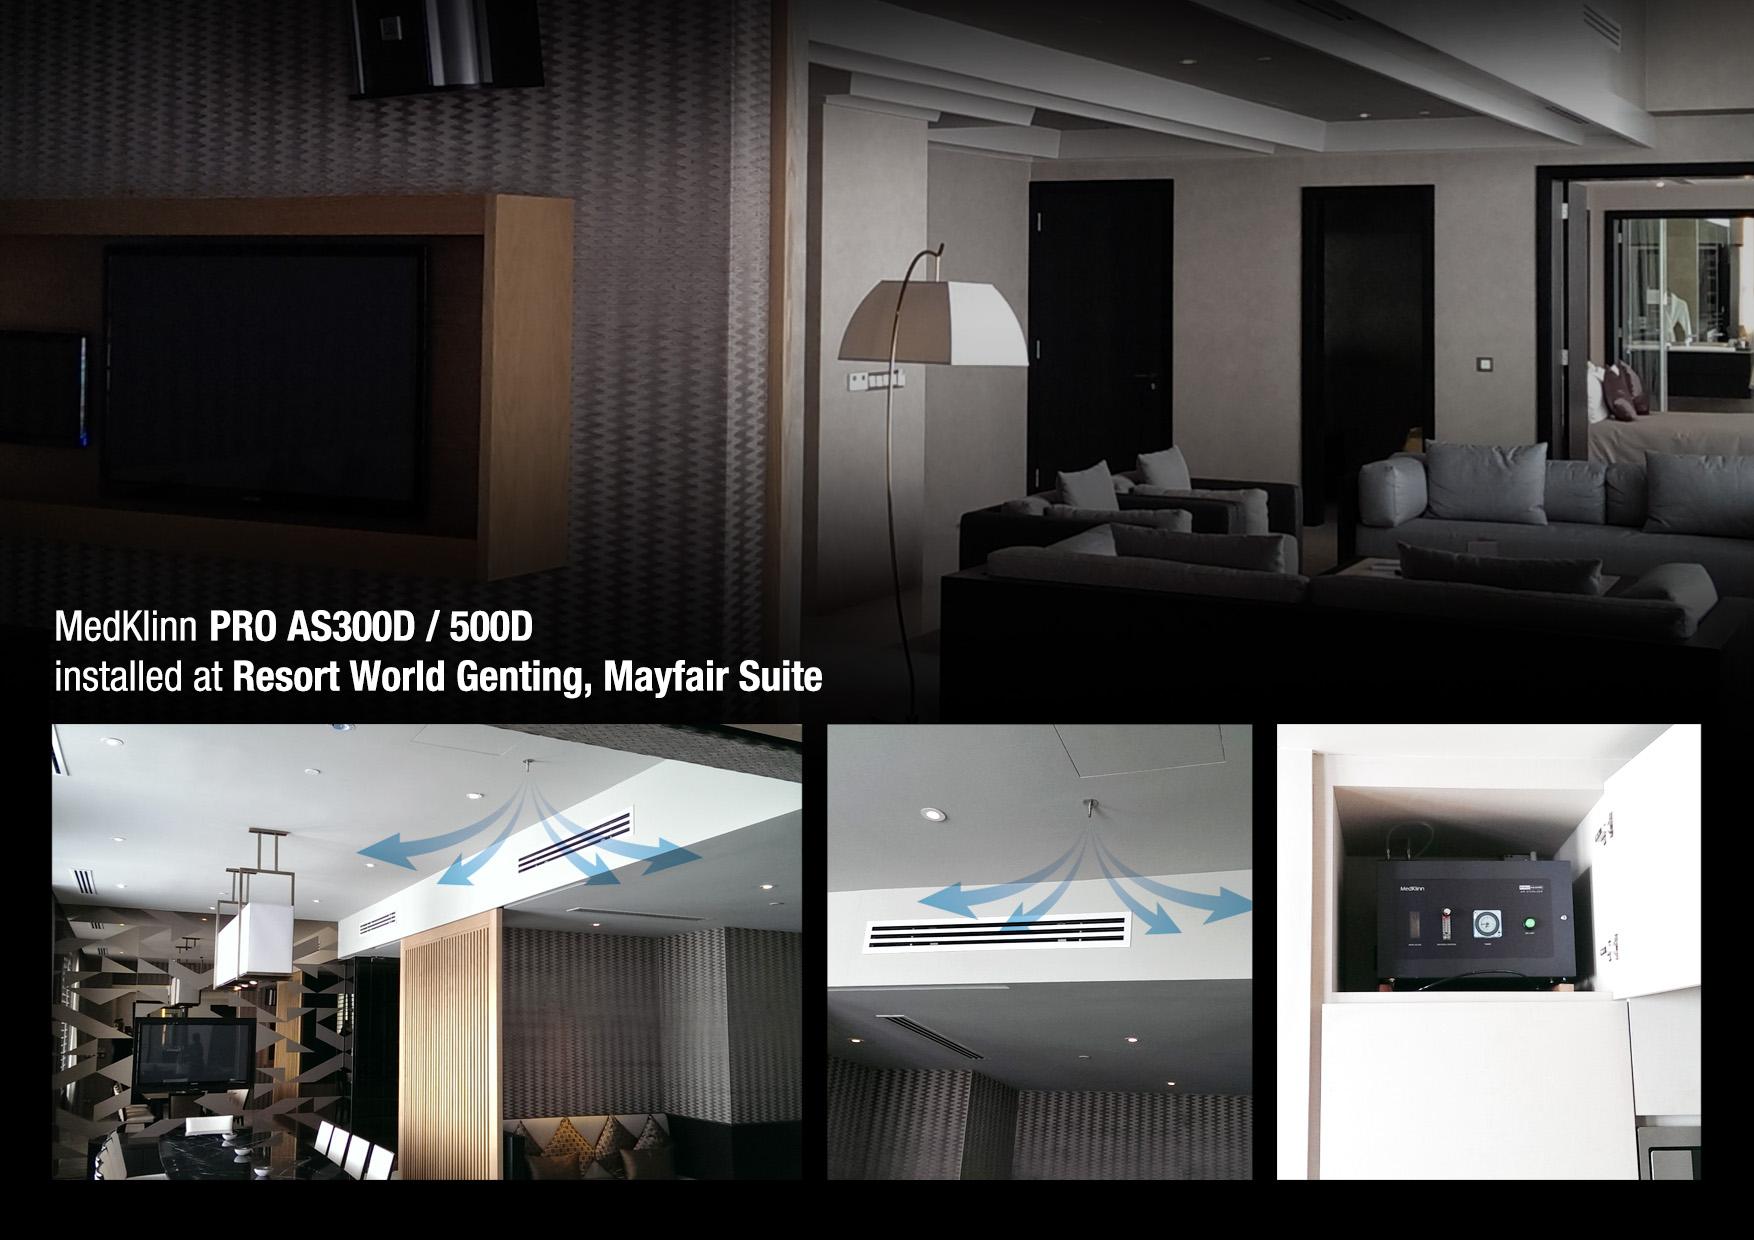 Medklinn PRO AS500D Mayfair2